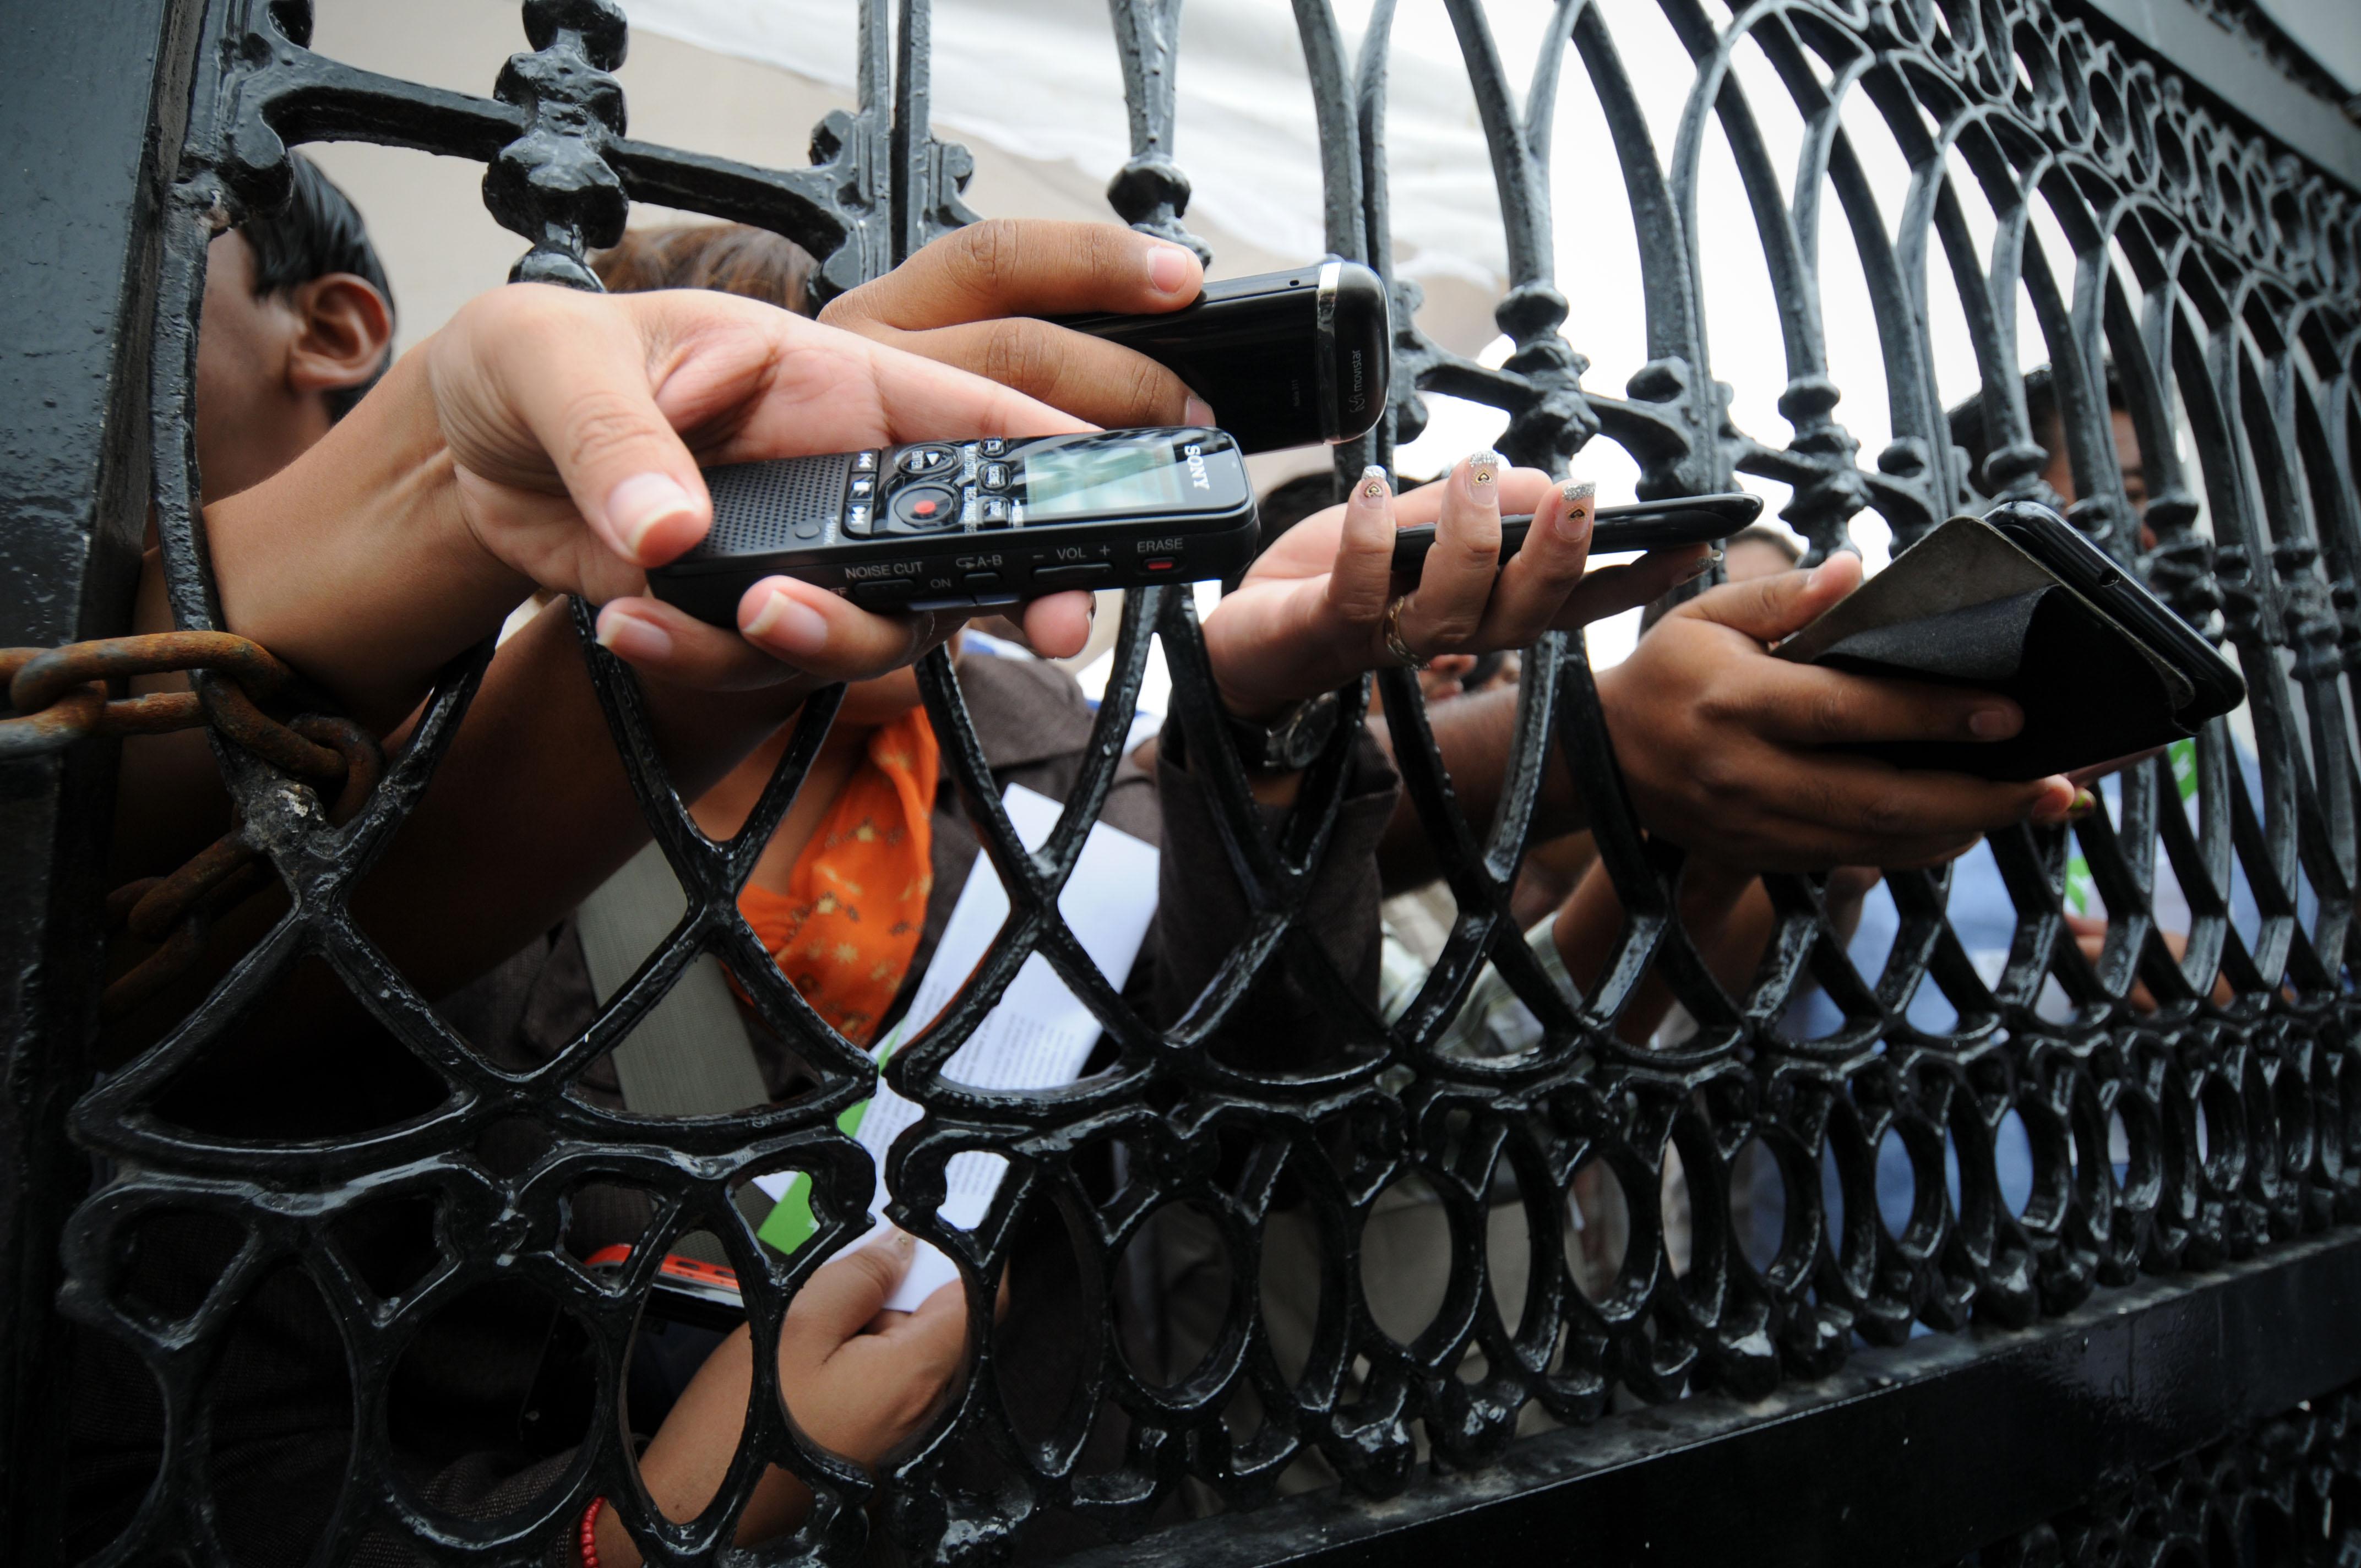 Suman 13 periodistas víctimas de robos y asaltos